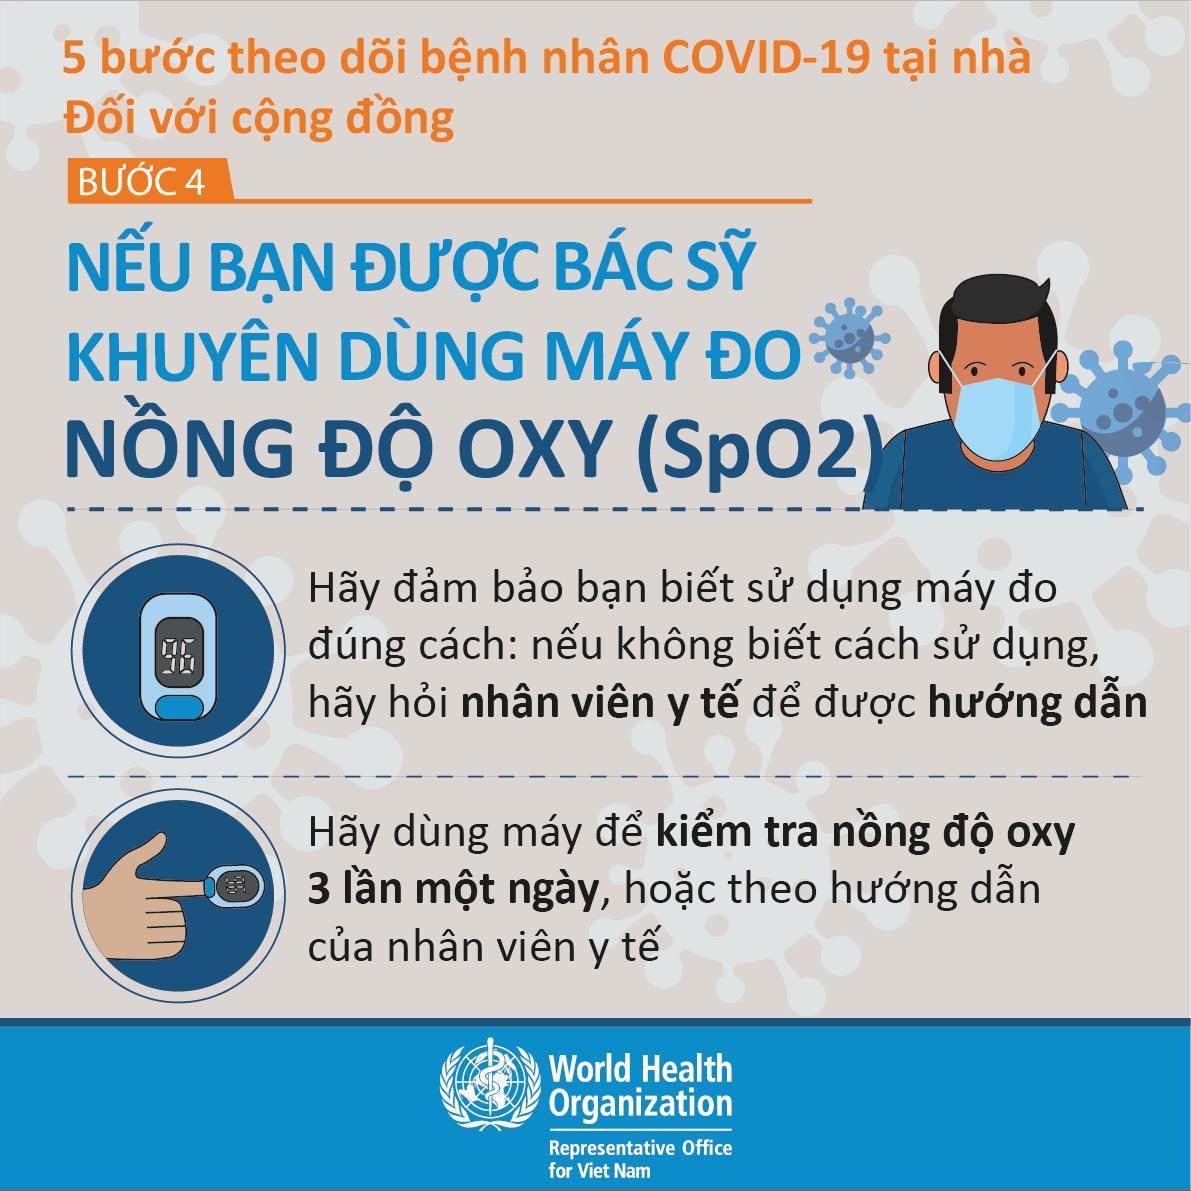 5 bước theo dõi bệnh nhân Covid-19 tại nhà bước 4